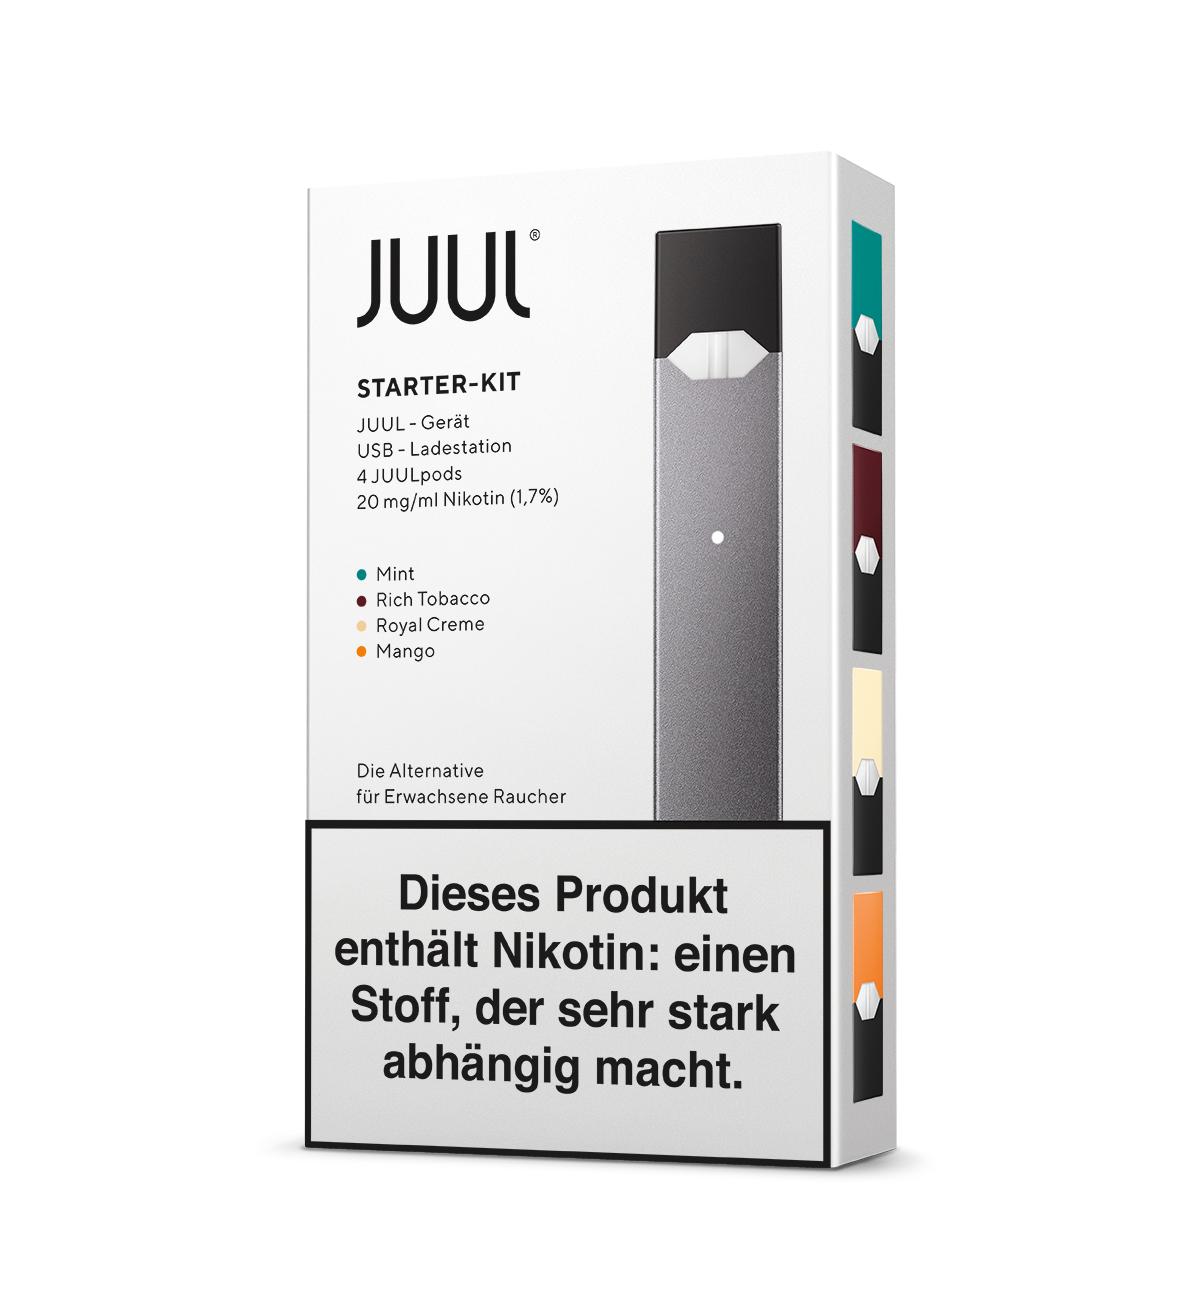 Juul Starter Kit inklusive 4 Pods mit 20mg Nikotin